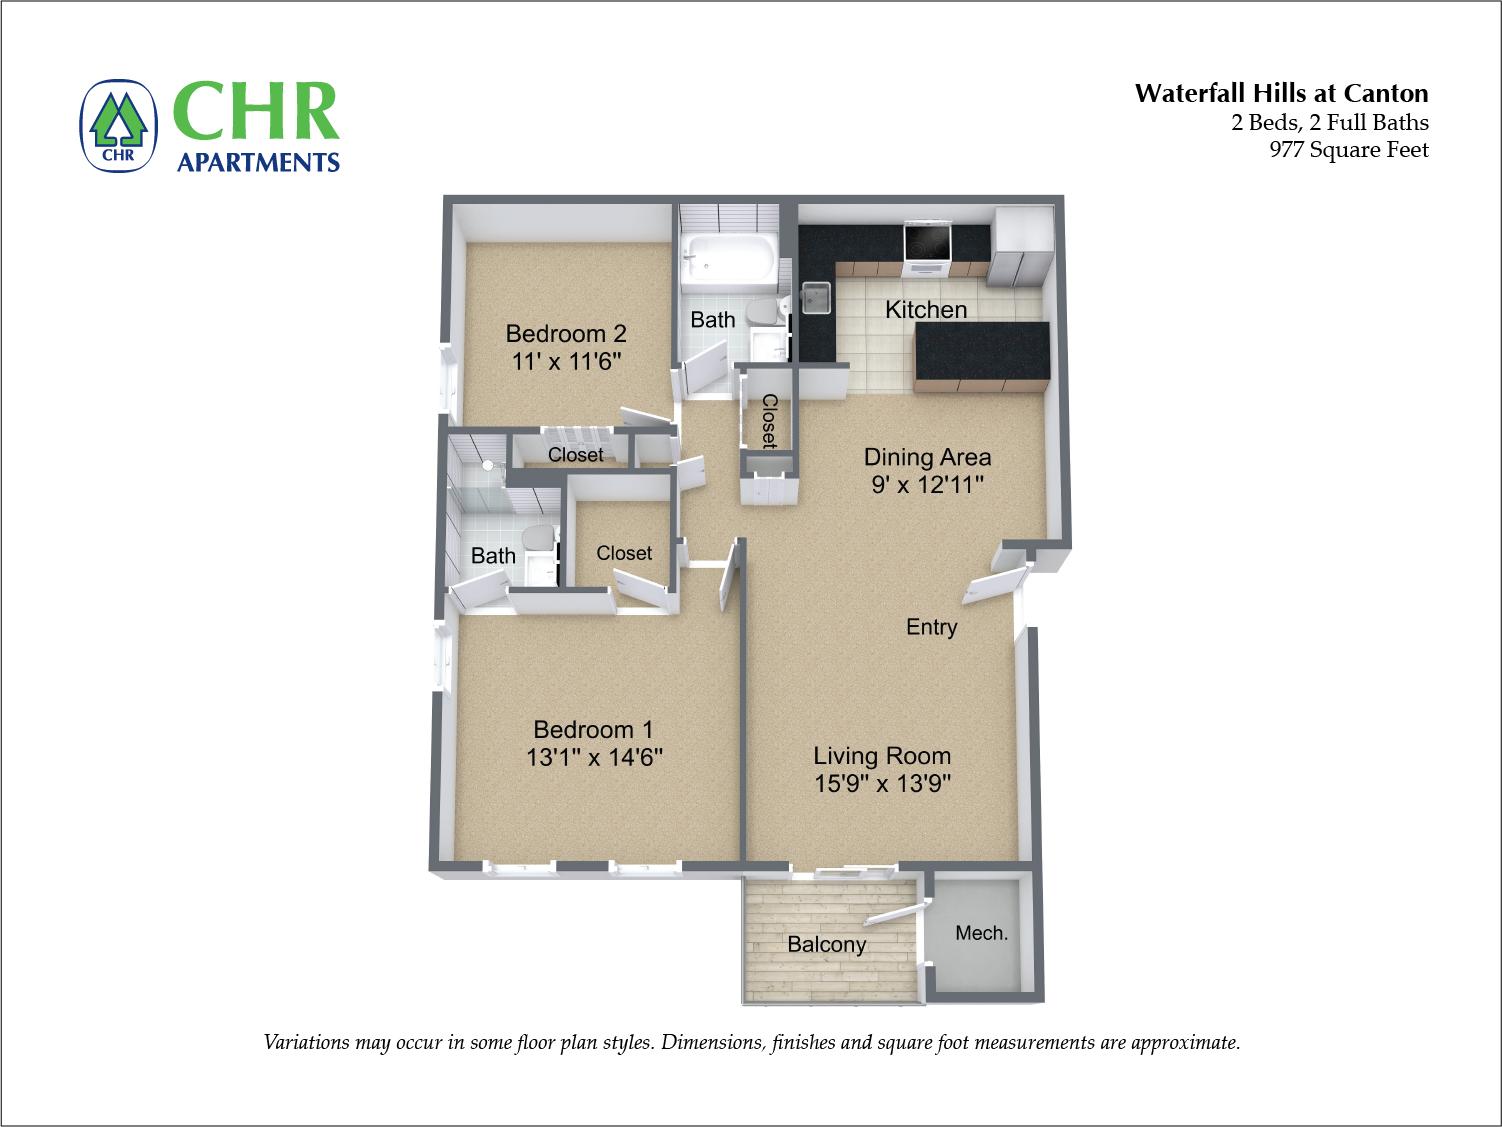 Click to view 2 Bedroom floor plan gallery